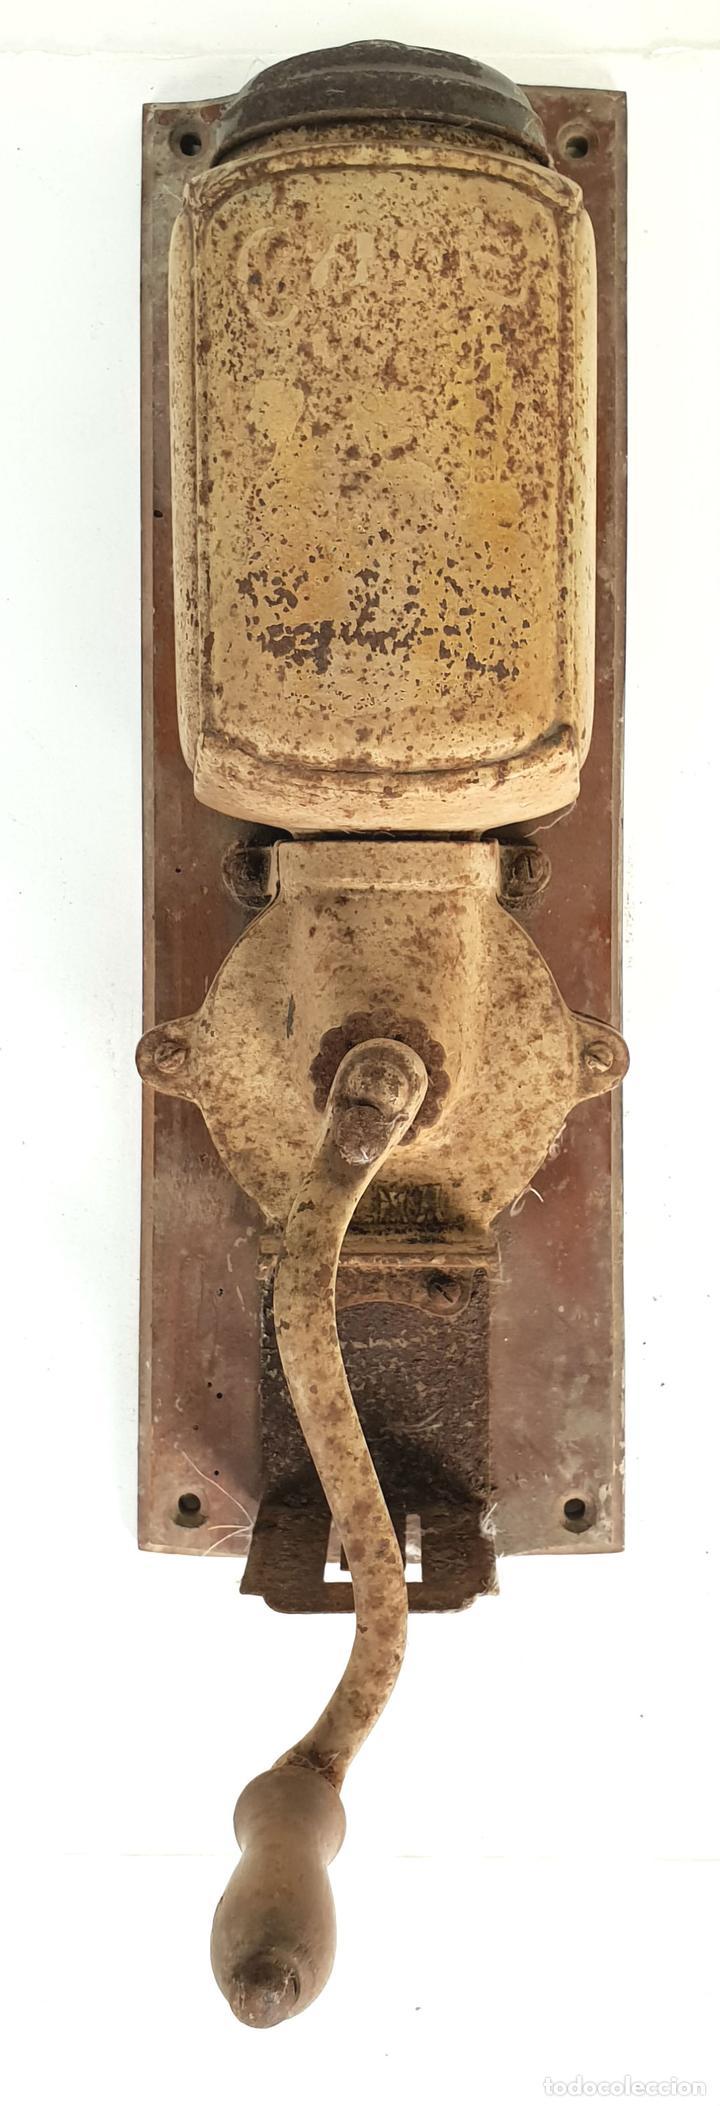 MOLINILLO DE CAFE DE MURAL. MARCA ELMA. METAL. BASE DE MADERA. CIRCA 1950. (Antigüedades - Técnicas - Molinillos de Café Antiguos)